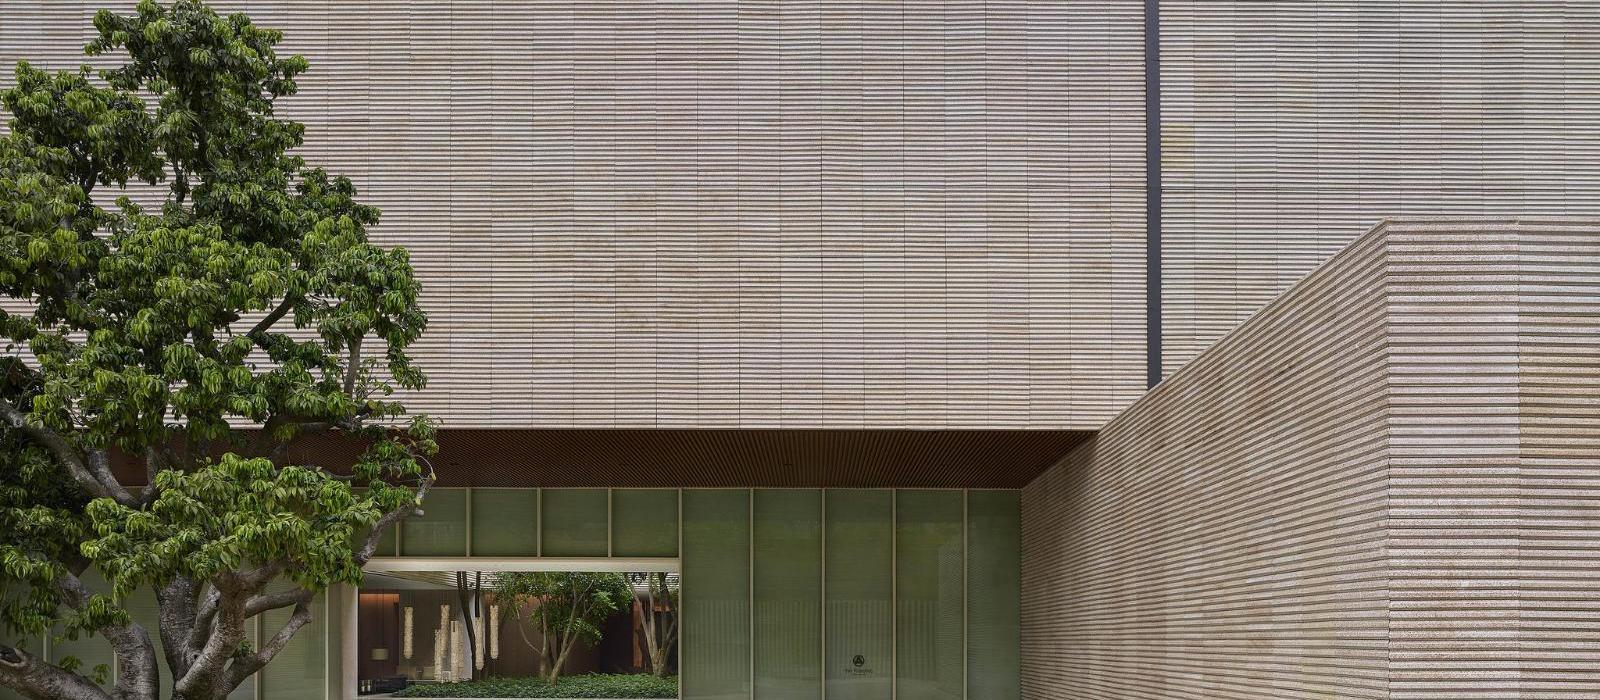 璞尚酒店(The PuShang Hotel and Spa) 图片  www.lhw.cn